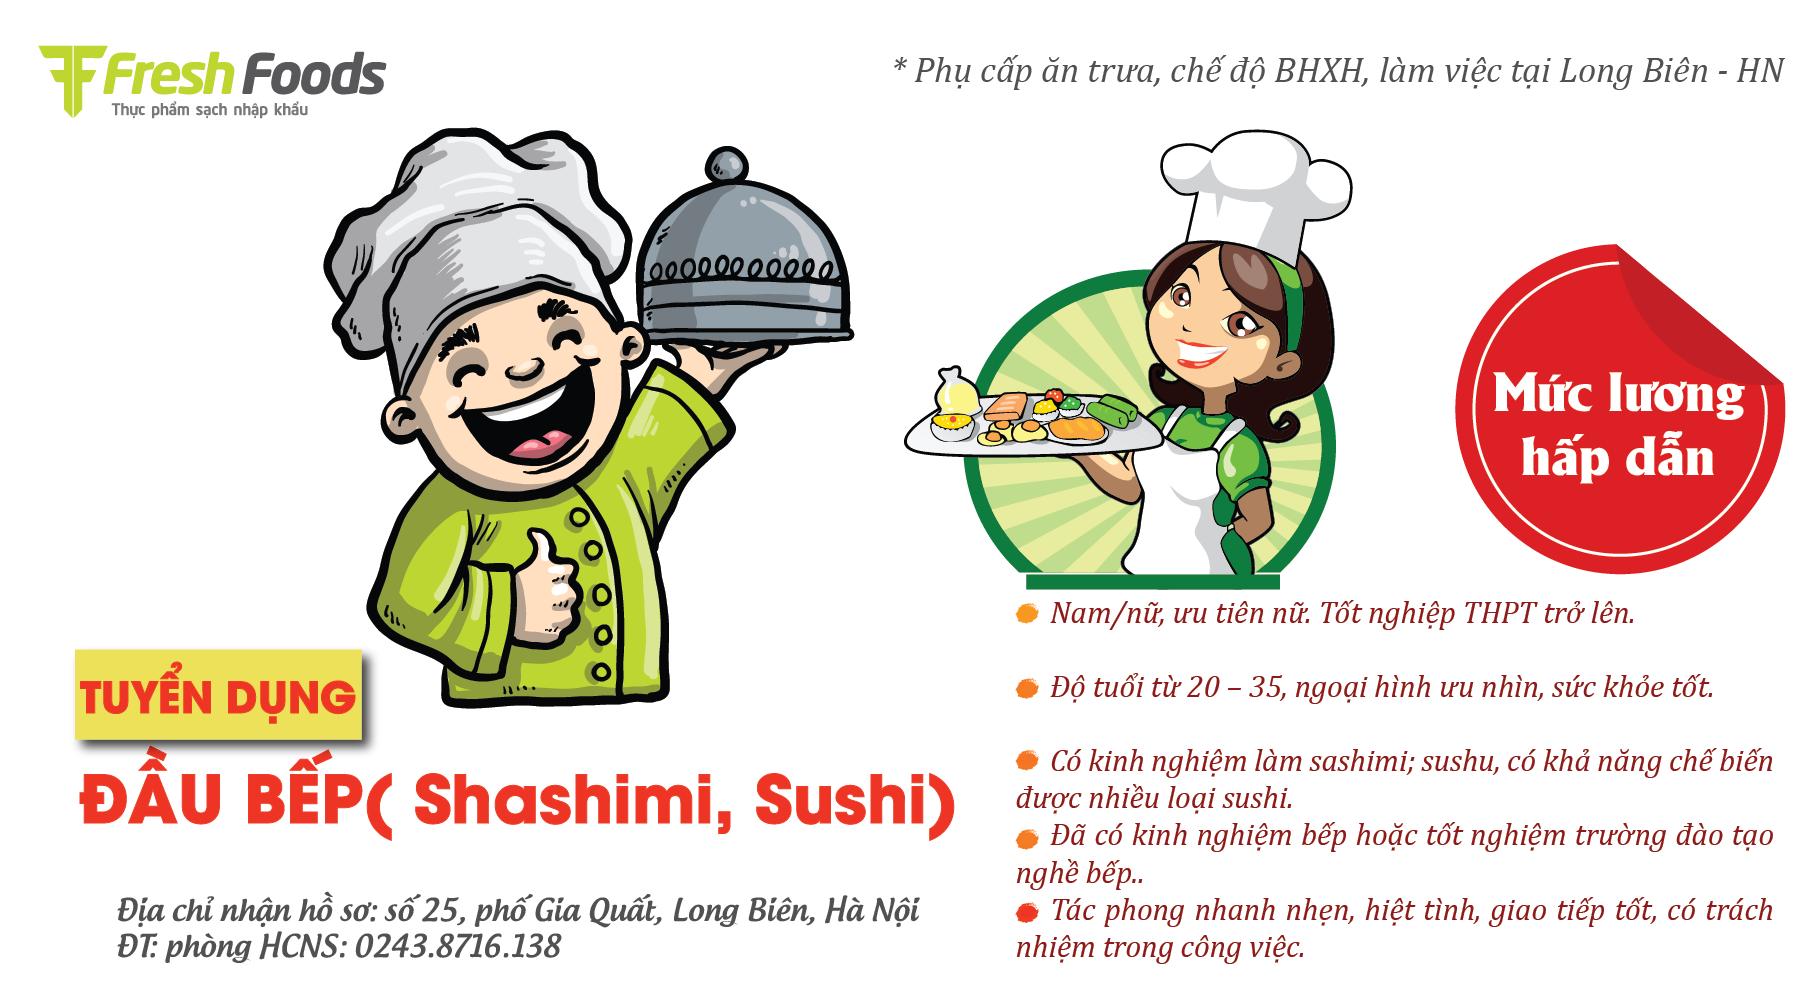 HÀ NỘI - LONG BIÊN: NHÂN VIÊN BẾP (làm sashimi; sushi...)